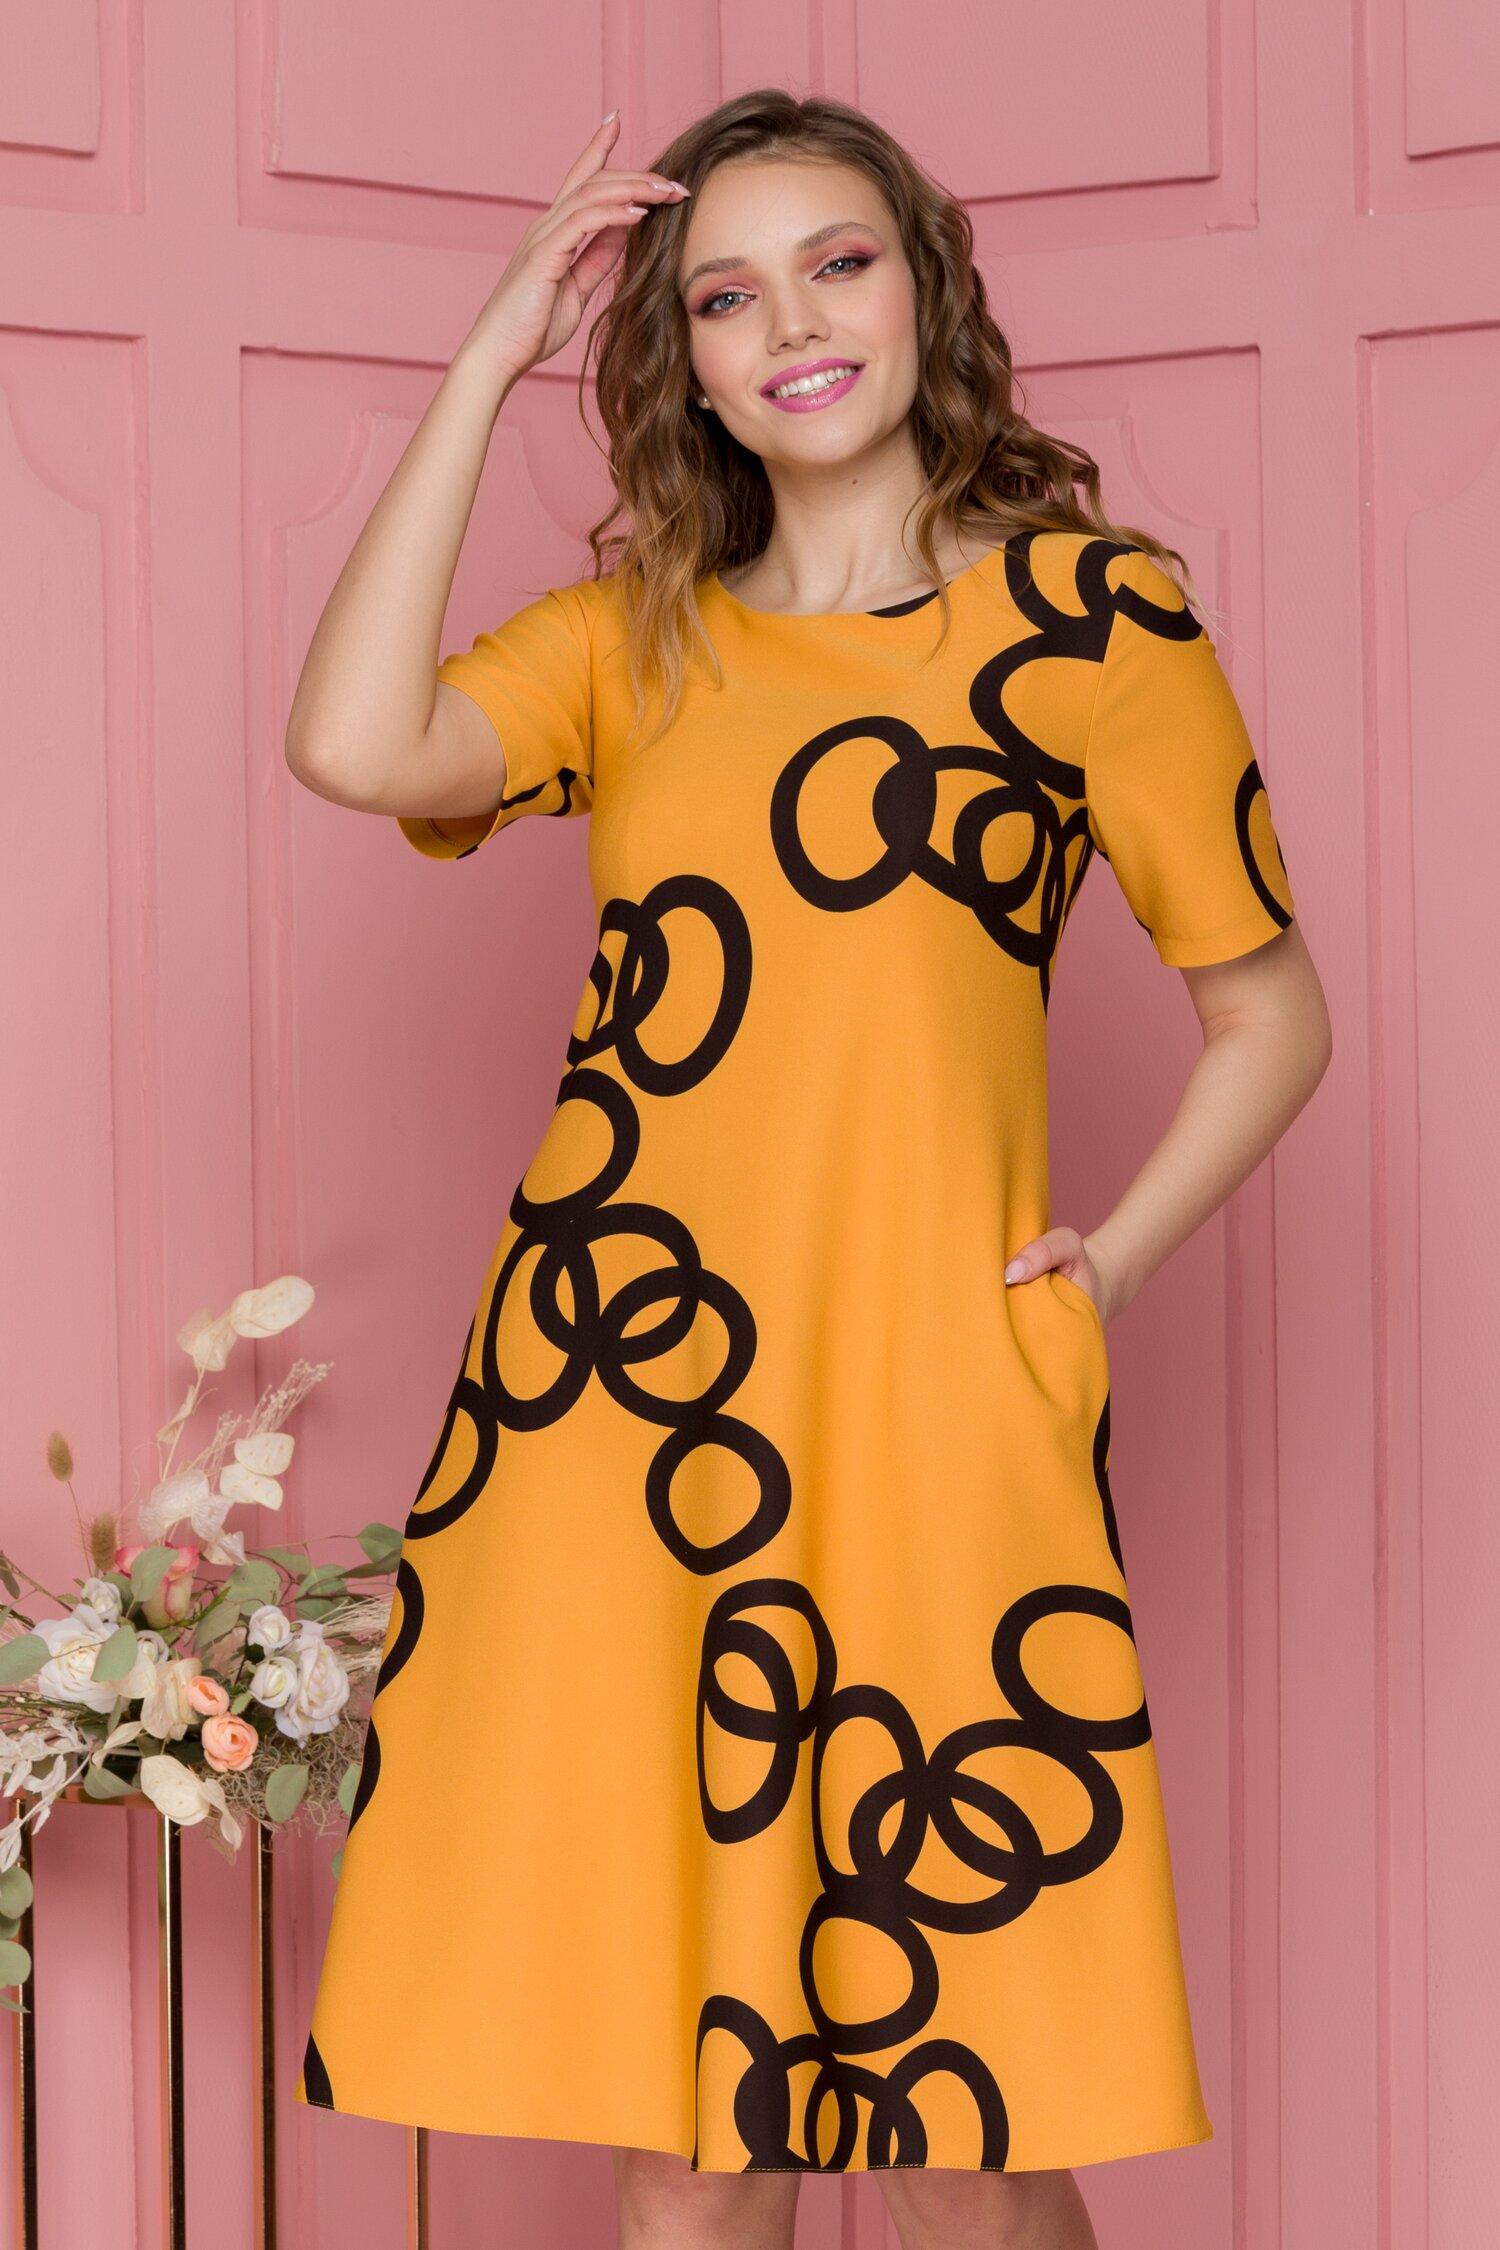 Rochie Livia galben mustar cu imprimeu geometric negru